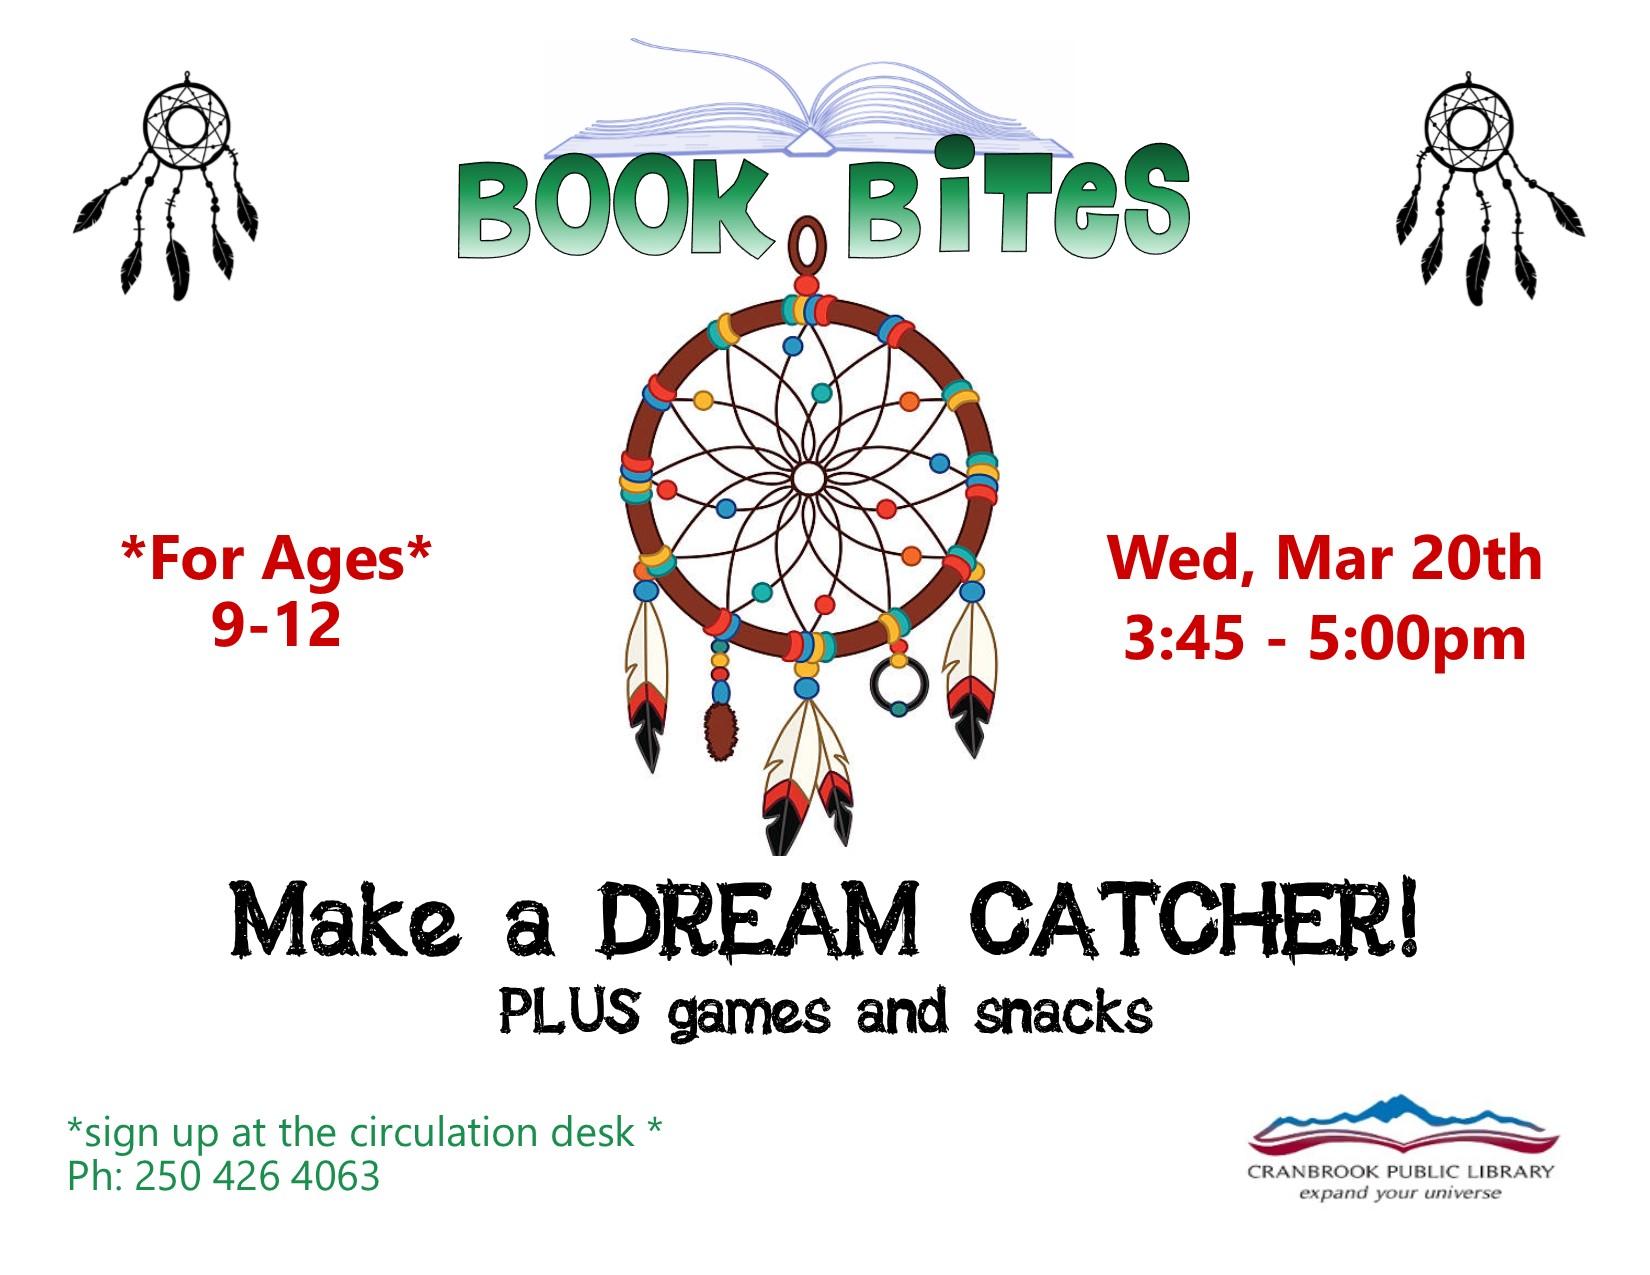 Book Bites: Make a Dream Catcher @ Cranbrook Public Library